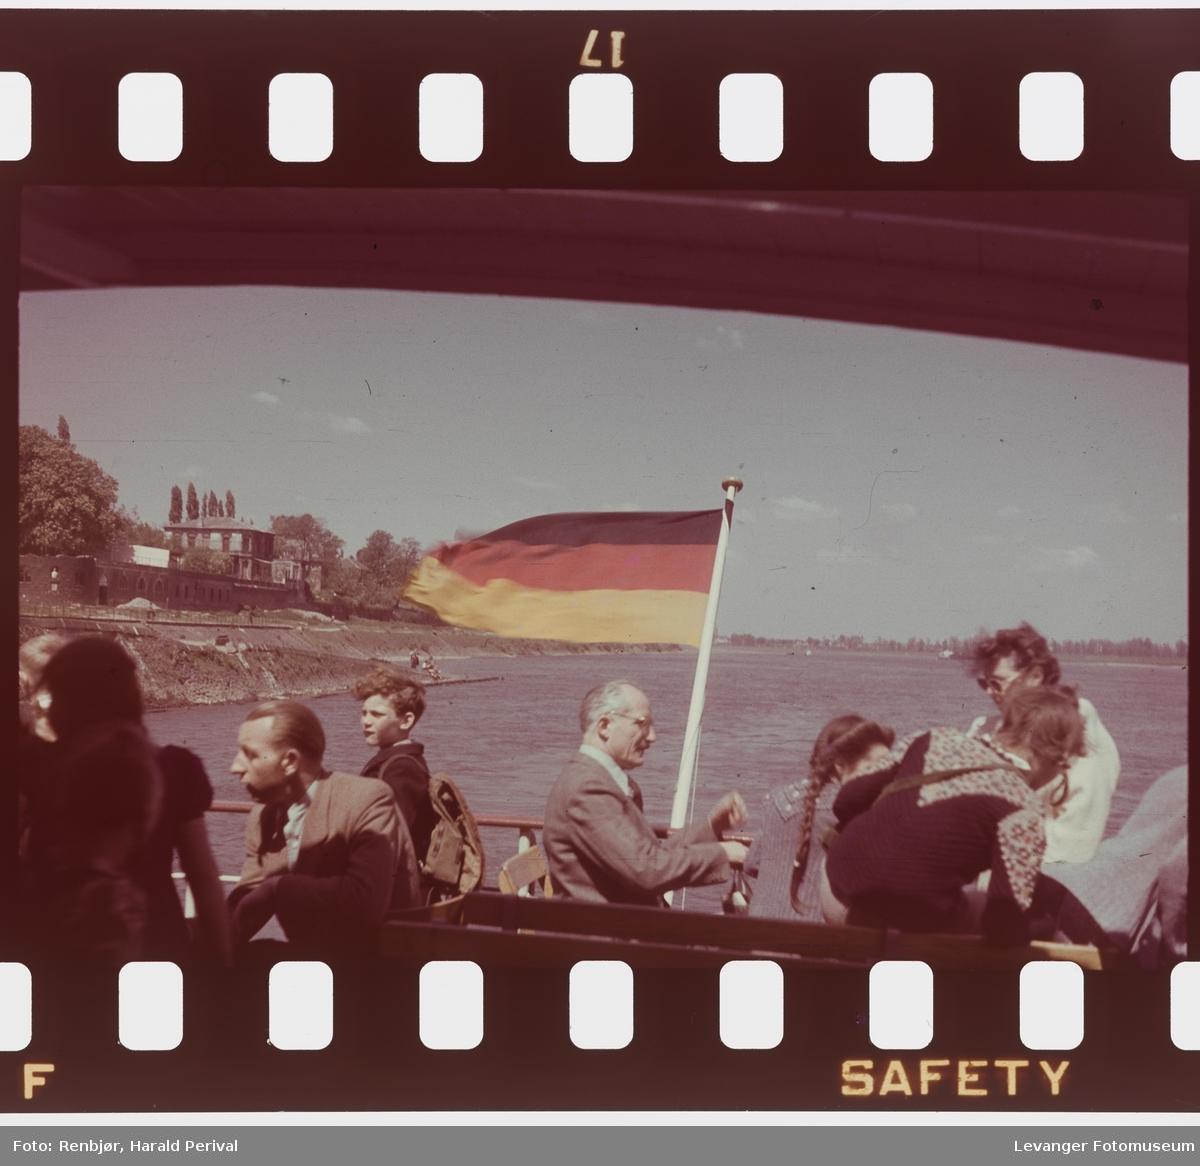 Fra Tyskland i forbindelse med deltakingen på den årlige Fotomessen i Køln. Fra båttur på Rhinen.